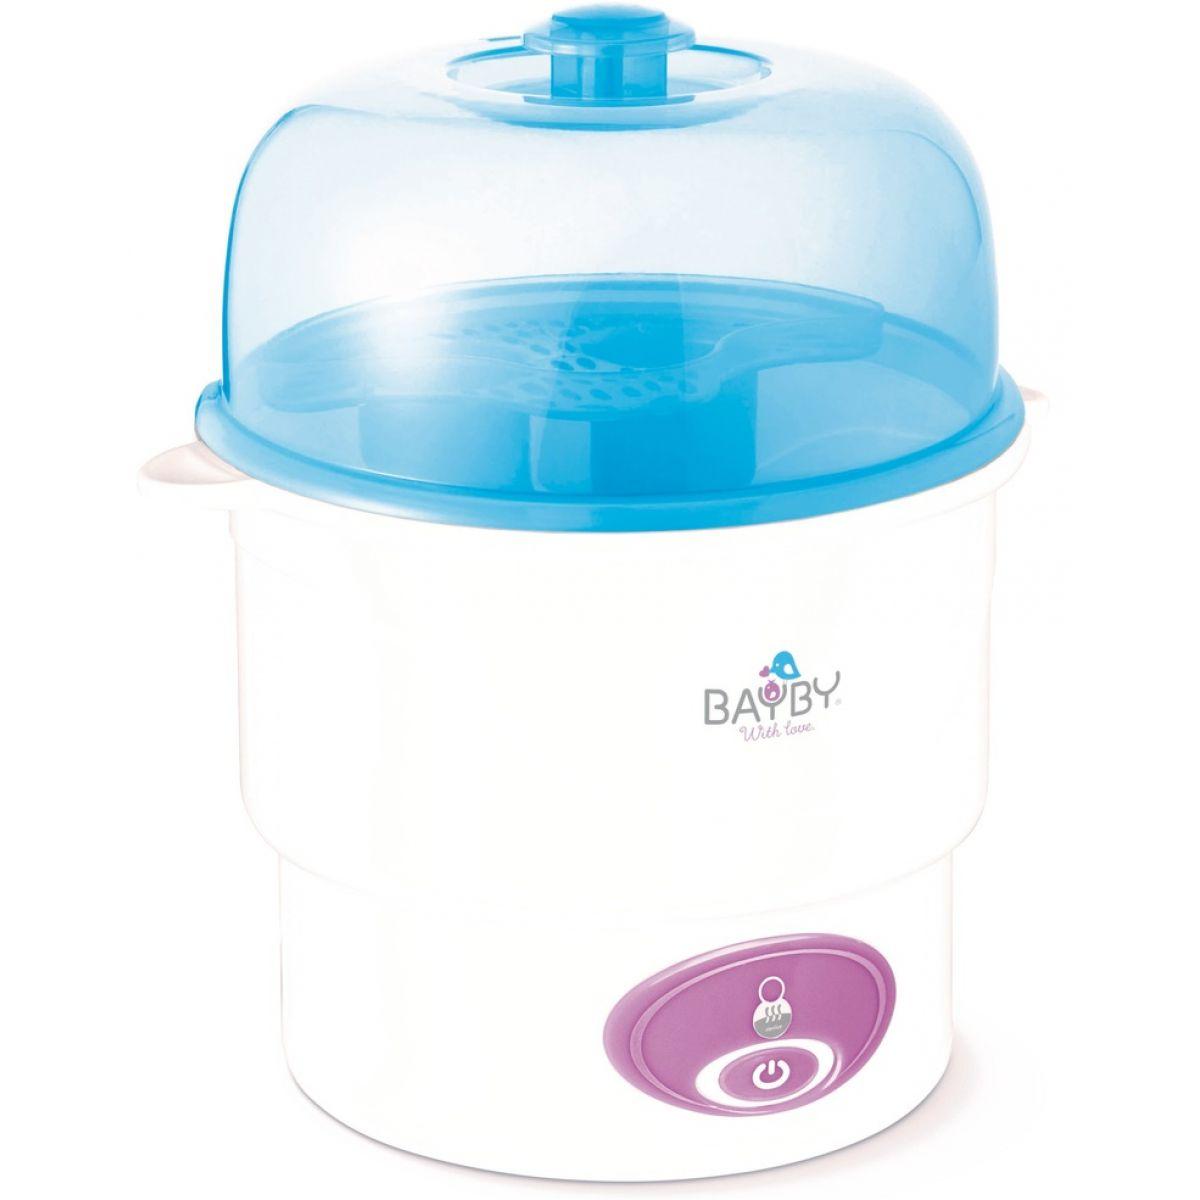 Bayby Elektrický sterilizátor